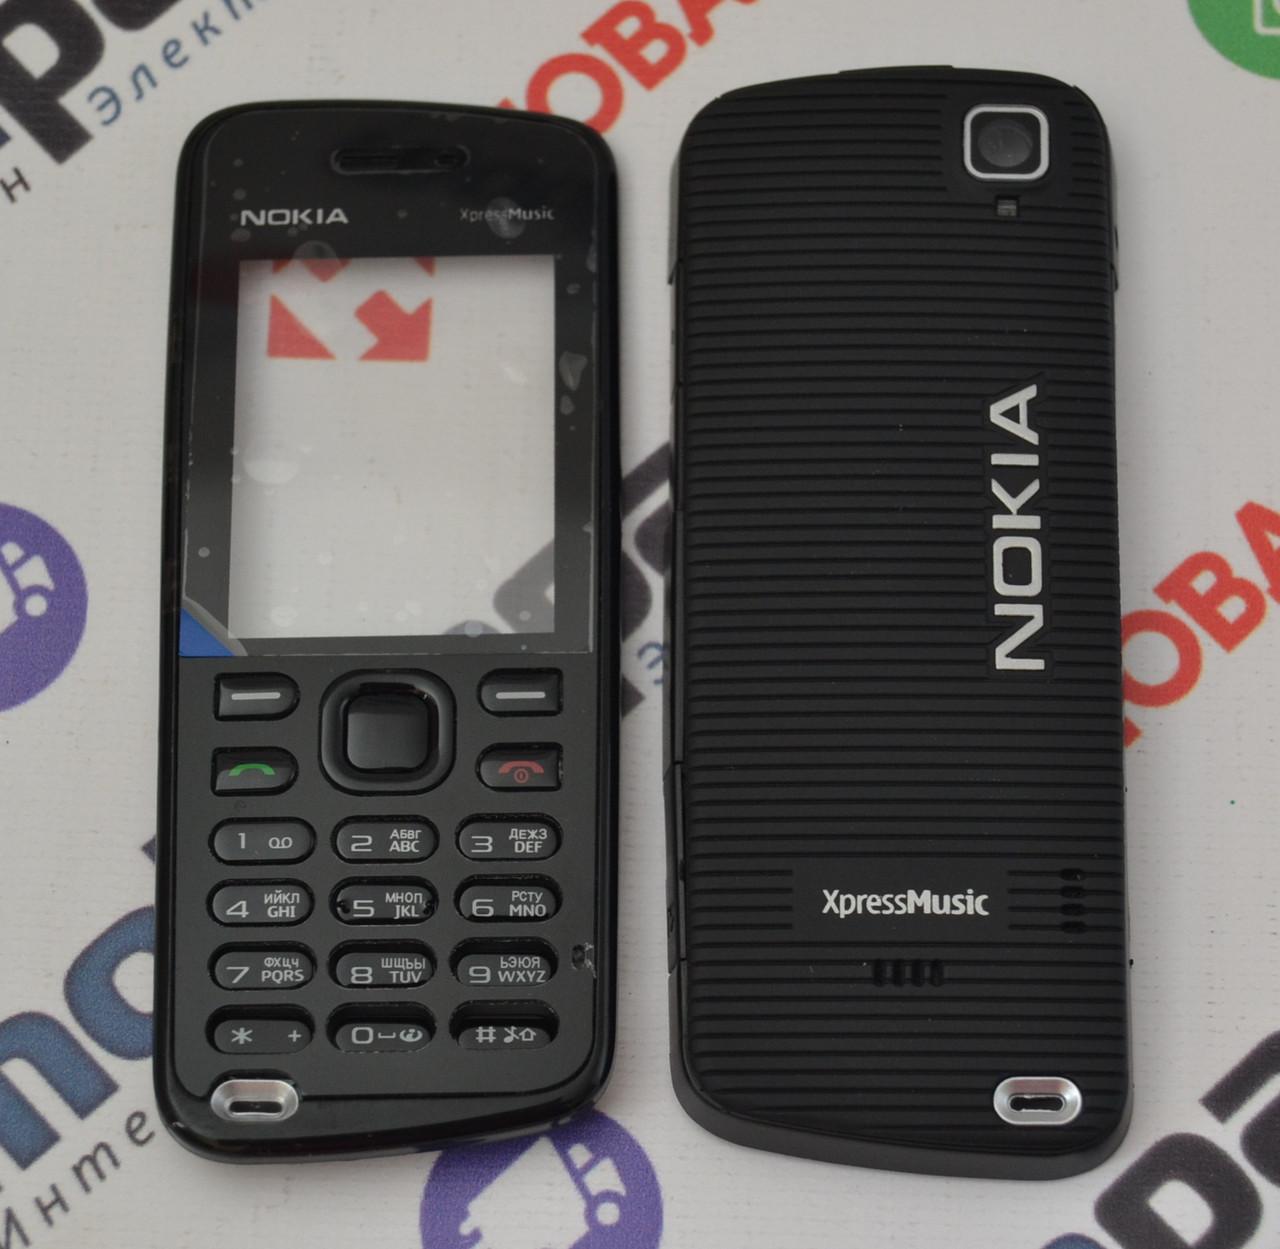 dc478273b5d9 Корпус для Телефона Nokia 5220 XpressMusic в Сборе (Качество ААА) (Черный)  Распродажа! — в Категории